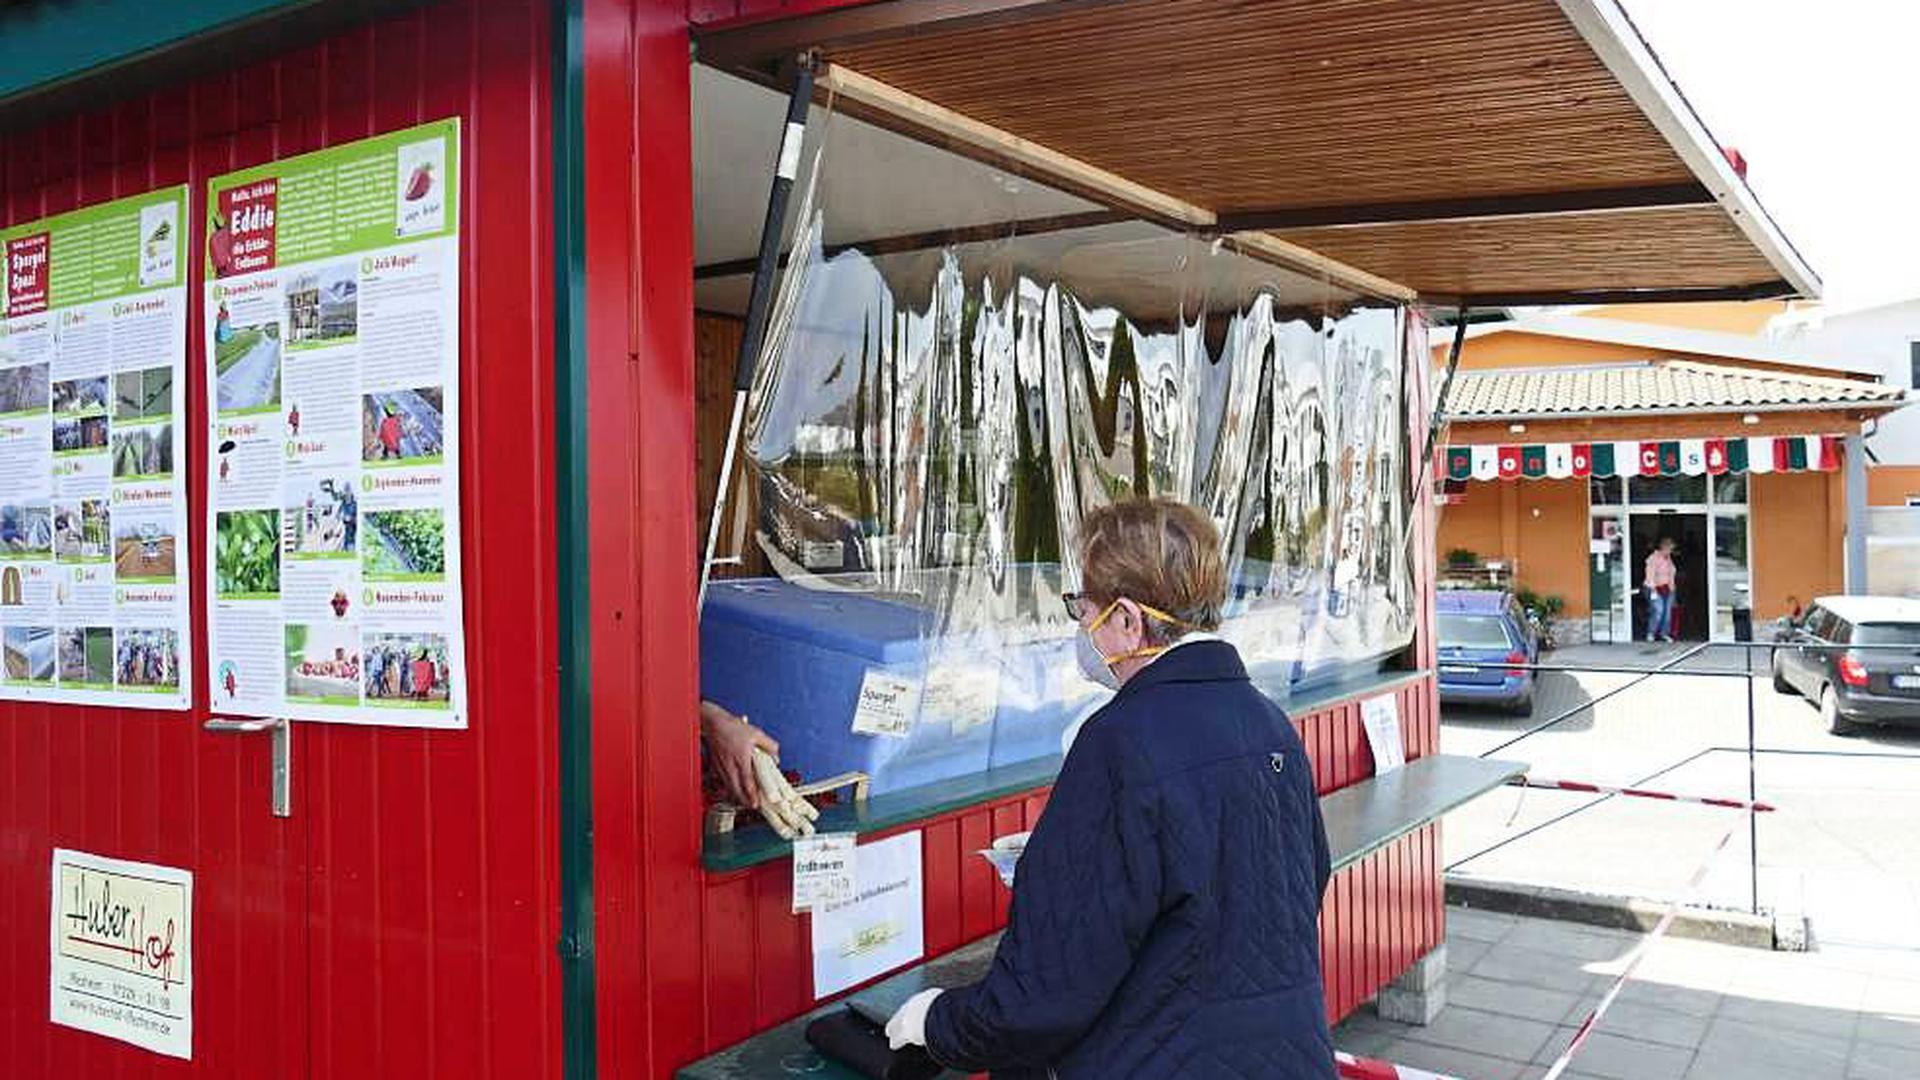 VIELE KUNDEN schätzen es nach wie vor, sich an den örtlichen Verkaufsständen wie hier am Huber-Spargelstand in Ottenau zu versorgen. Foto: Krause-Dimmock